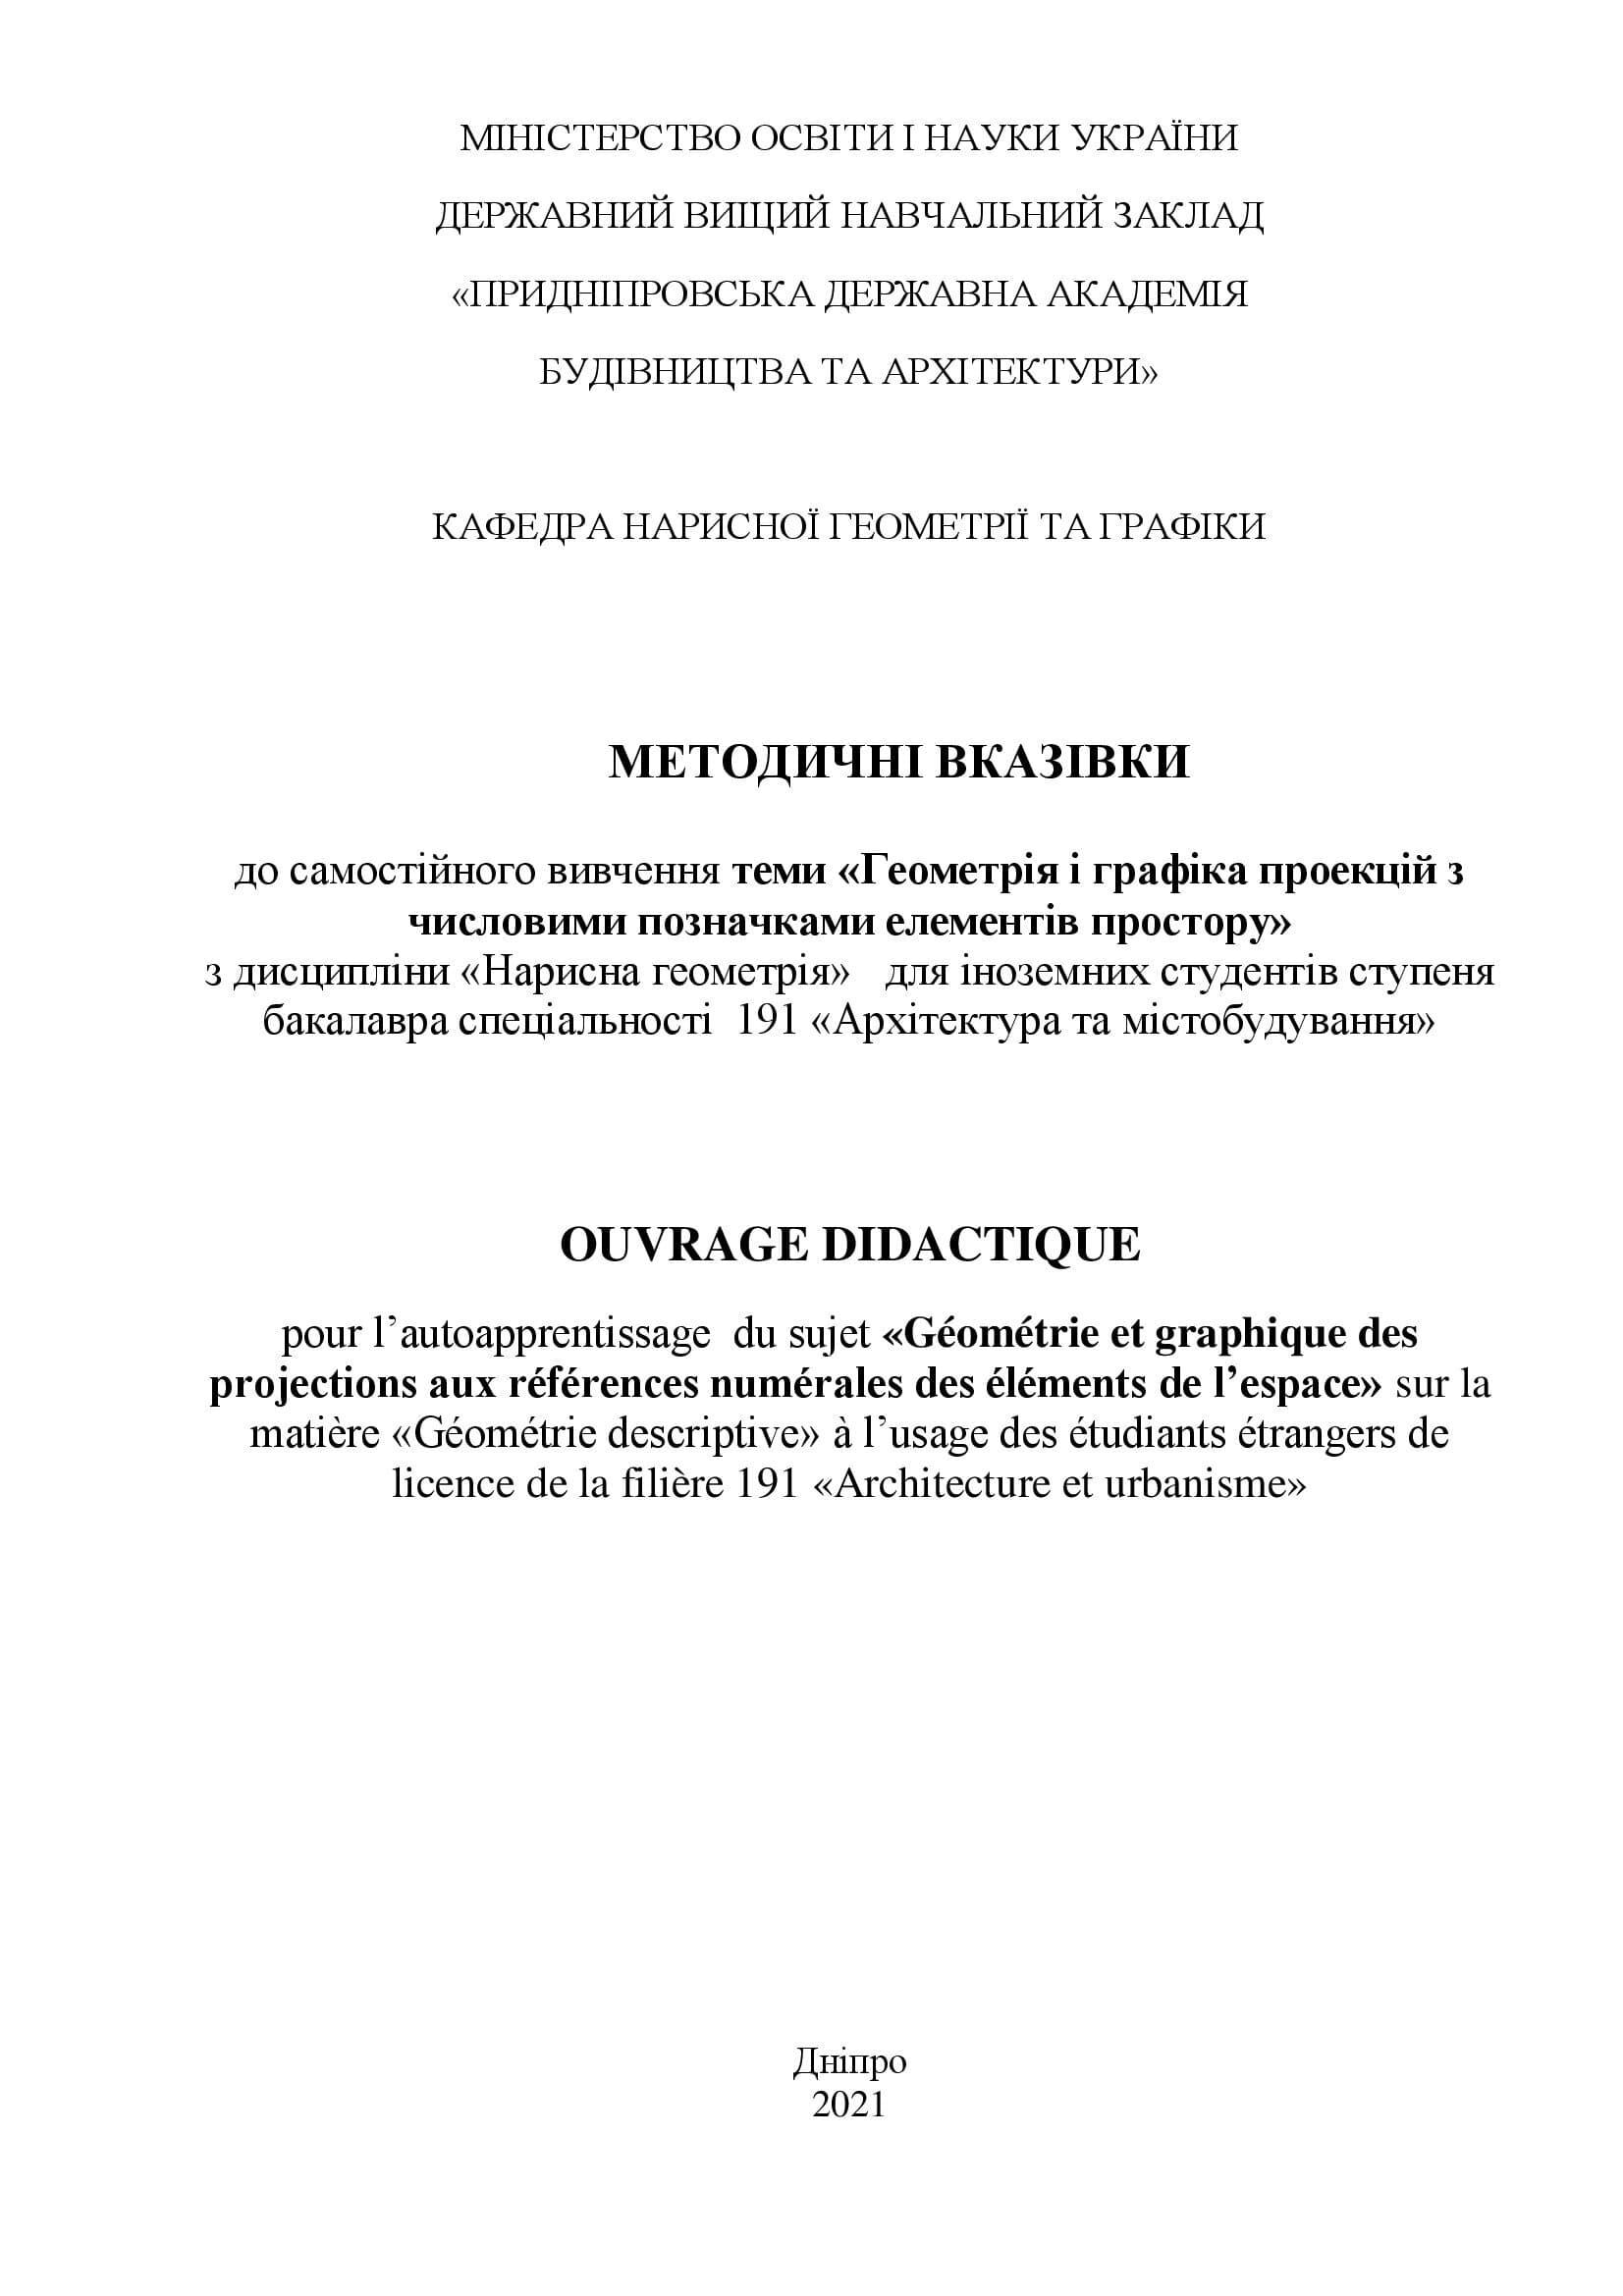 Методичні вказівки до самостійної роботи з дисципліни «Інженерна графіка» за темою «Геометрія і графіка проекцій з числовими позначками елементів простору» для іноземних студентів